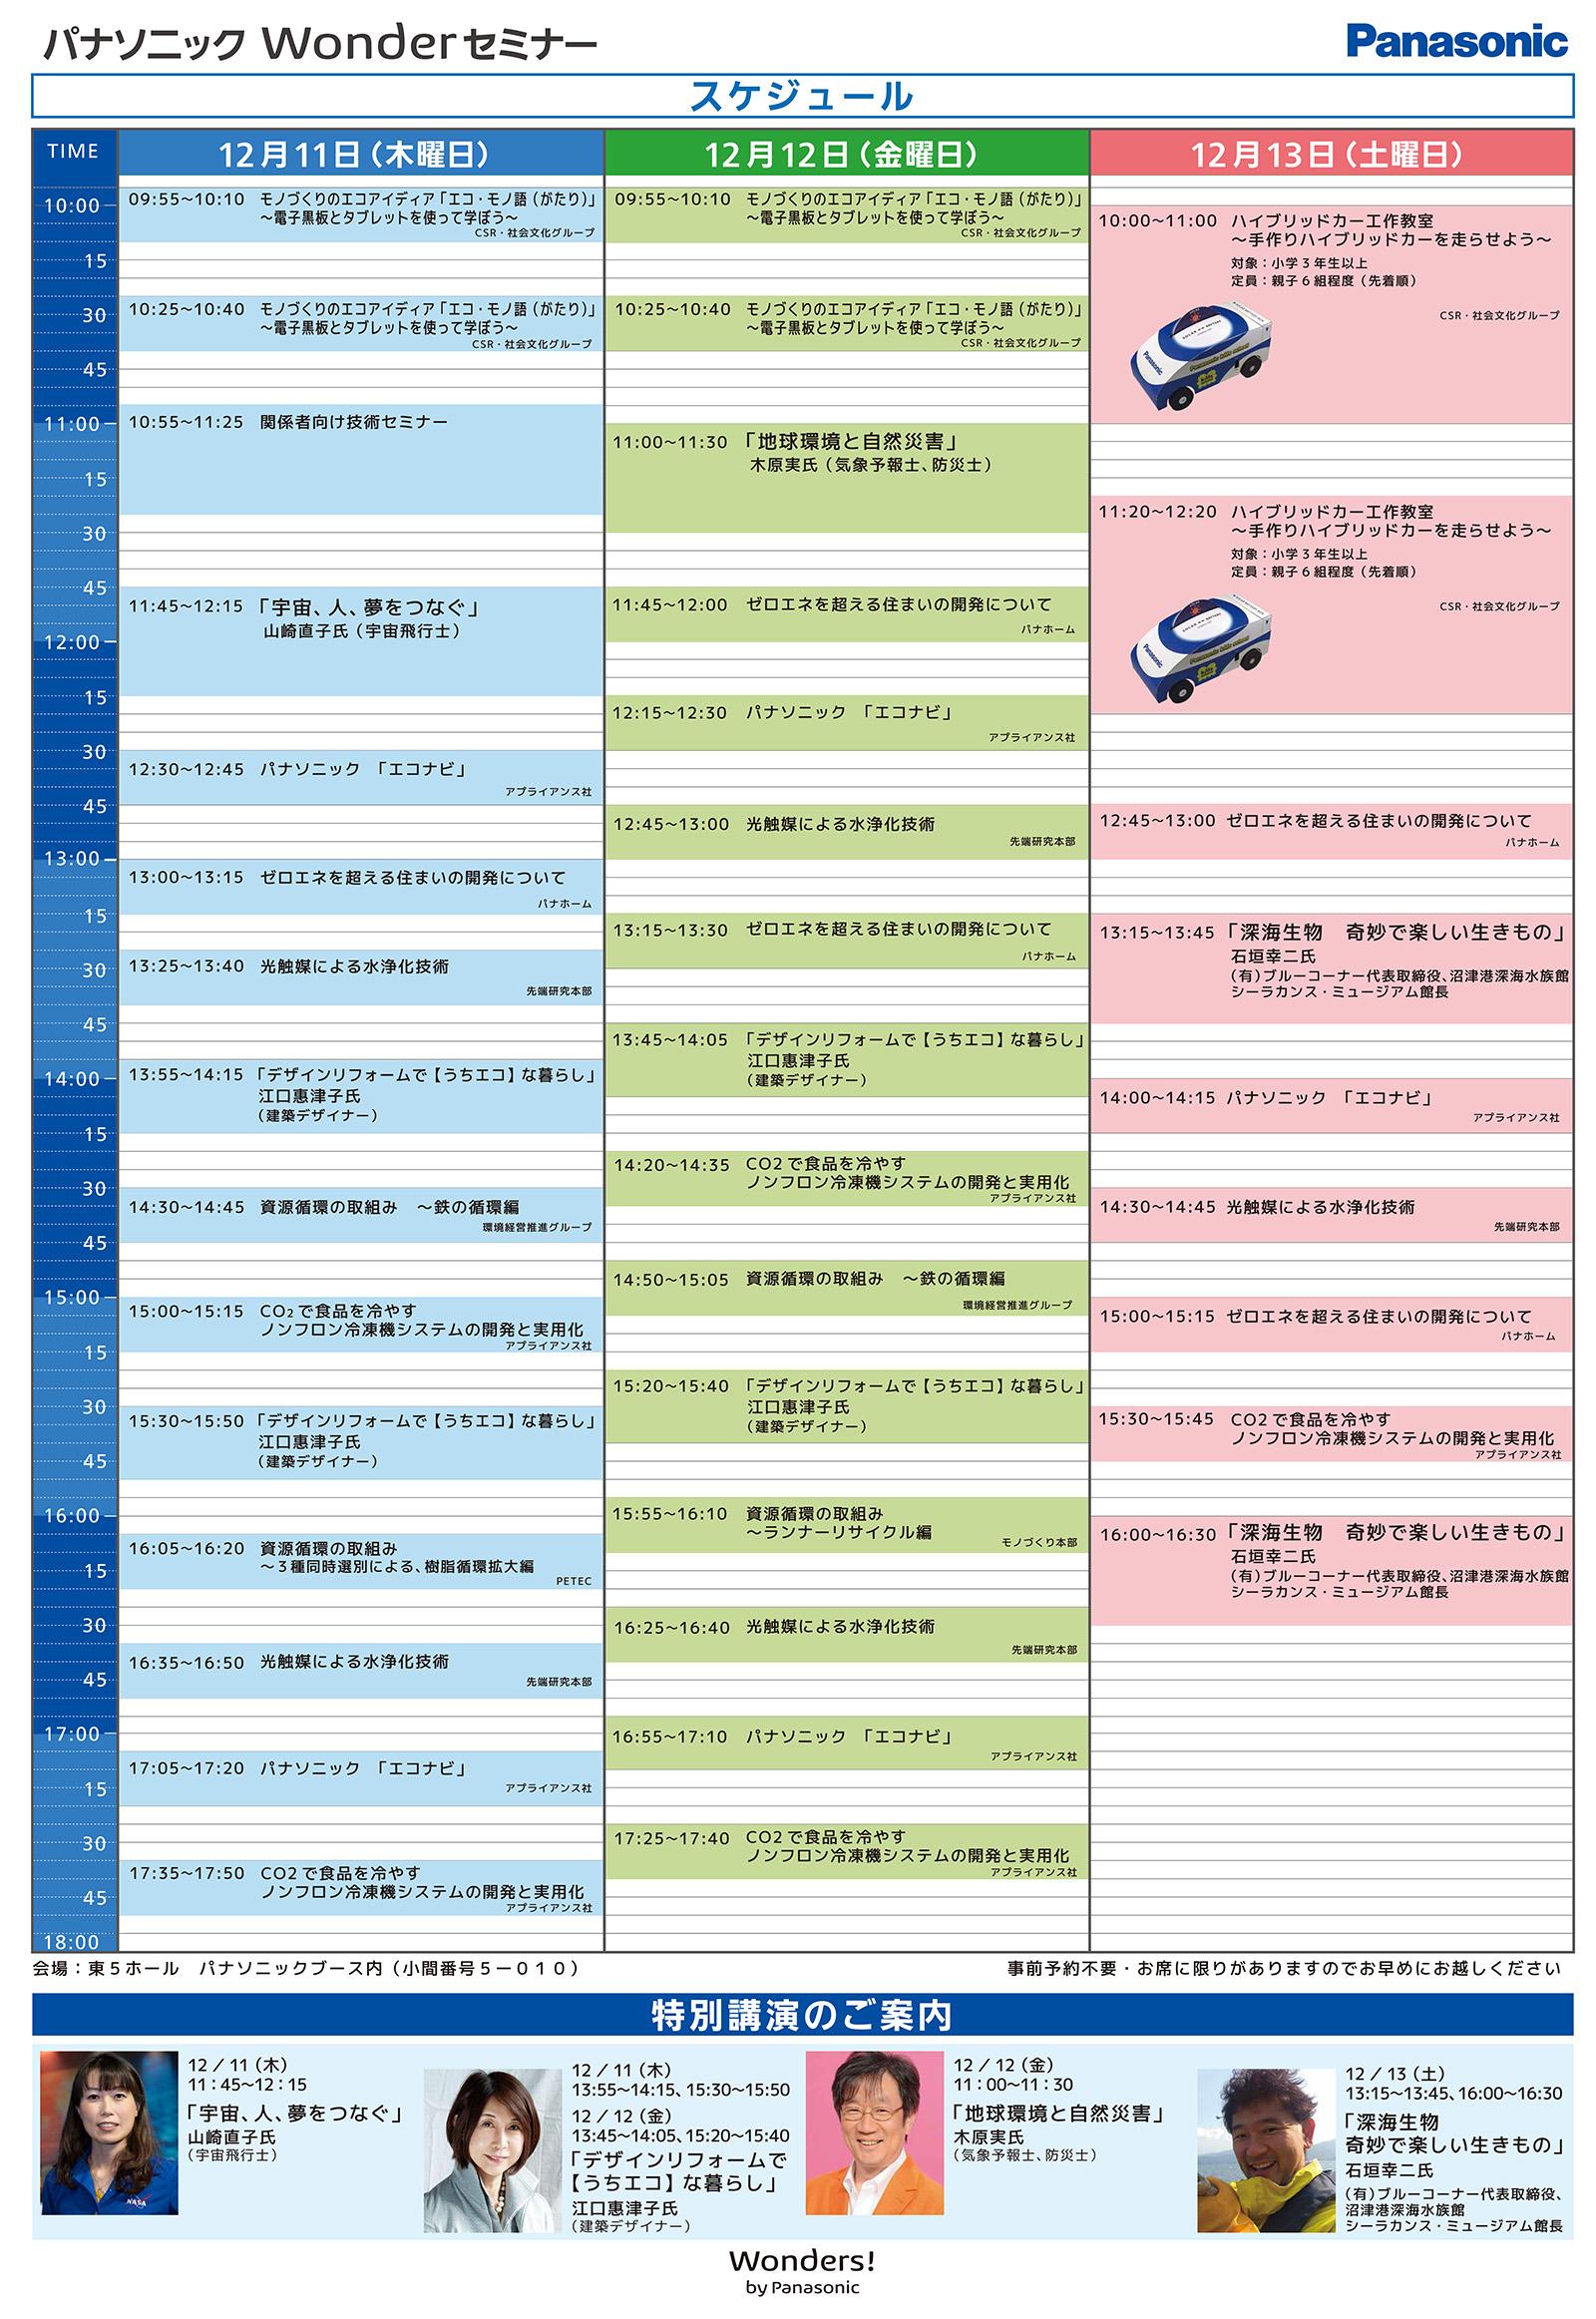 「エコプロダクツ2014」パナソニックブース セミナー日程